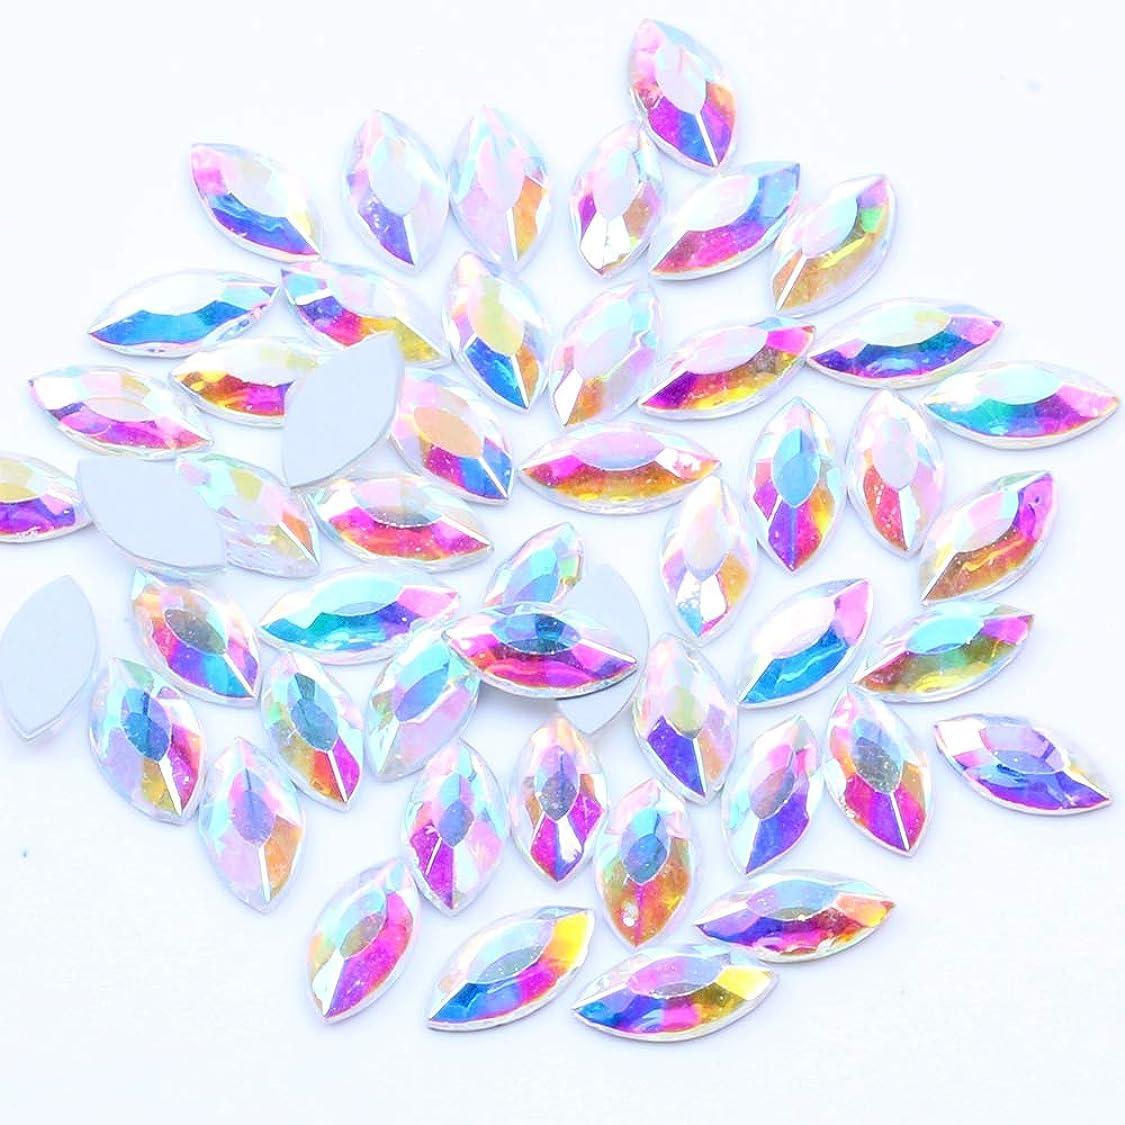 リレー慢な火傷Nizi ジュエリー ブランド 5粒ガラスネイルアート用品 ネイルステッカー DIY 装飾用 クリスタルオーロラ (馬の目 8x4mm)